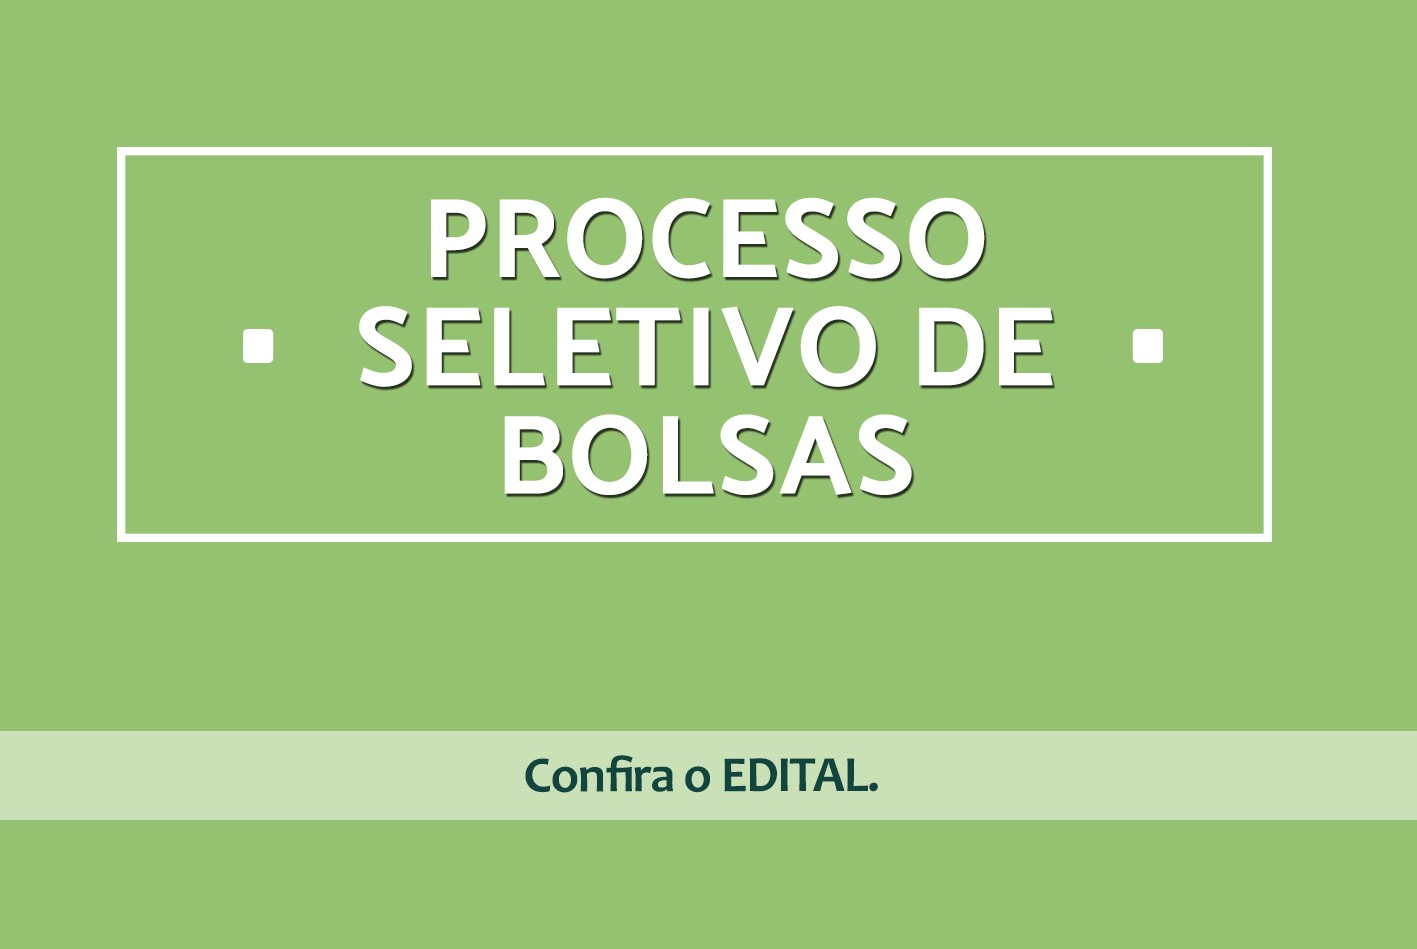 A FATEB – Faculdade de Telêmaco Borba e o COLÉGIO DOM BOSCO de Telêmaco  Borba levam ao conhecimento dos interessados a abertura de processo  seletivo para a ... 63ec8e4b92c10